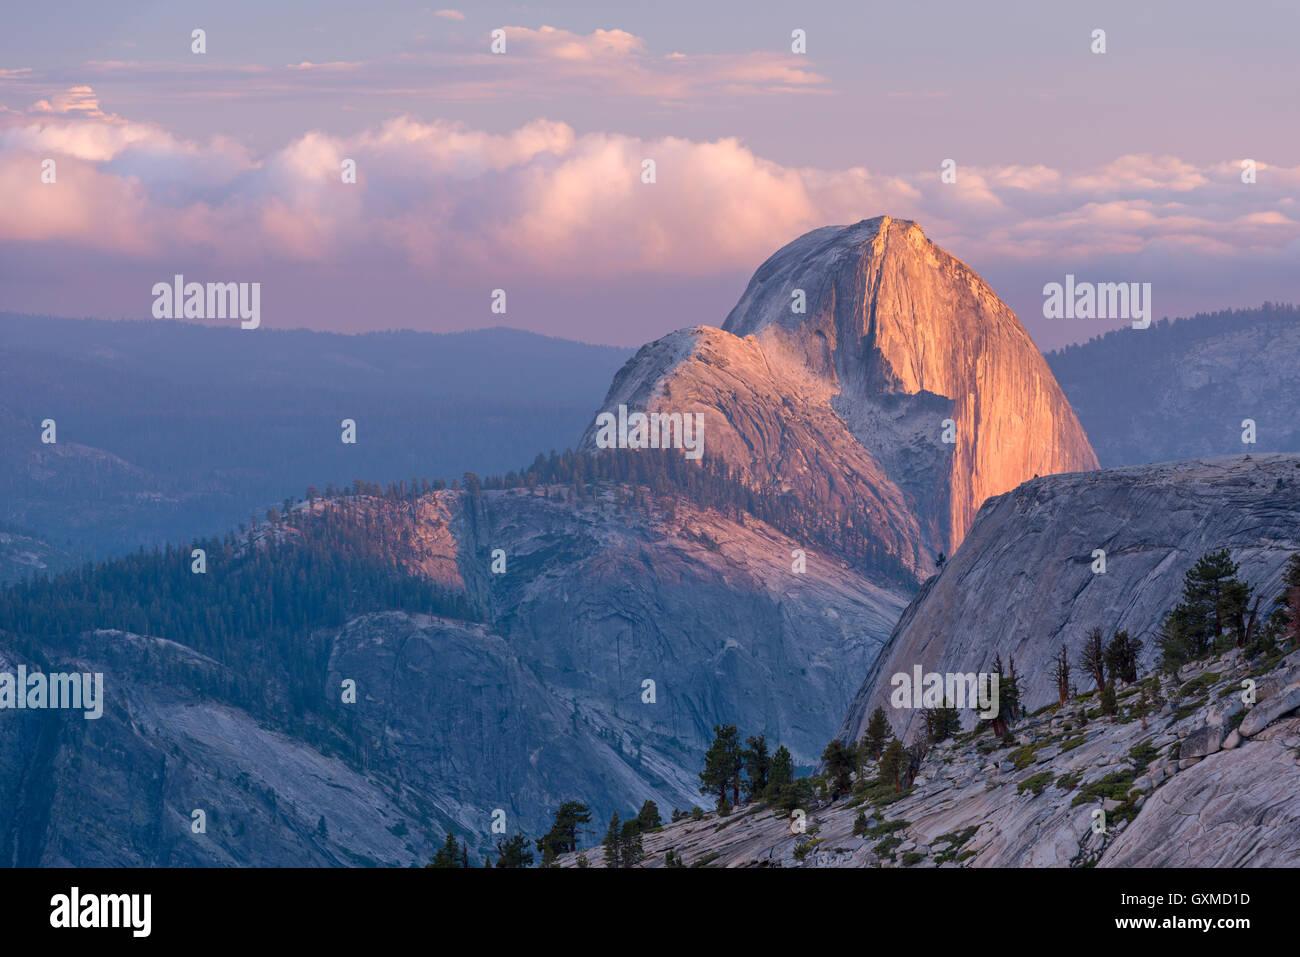 La última luz en Half Dome, fotografiado desde Olmsted Point, el Parque Nacional Yosemite, California, USA. Imagen De Stock